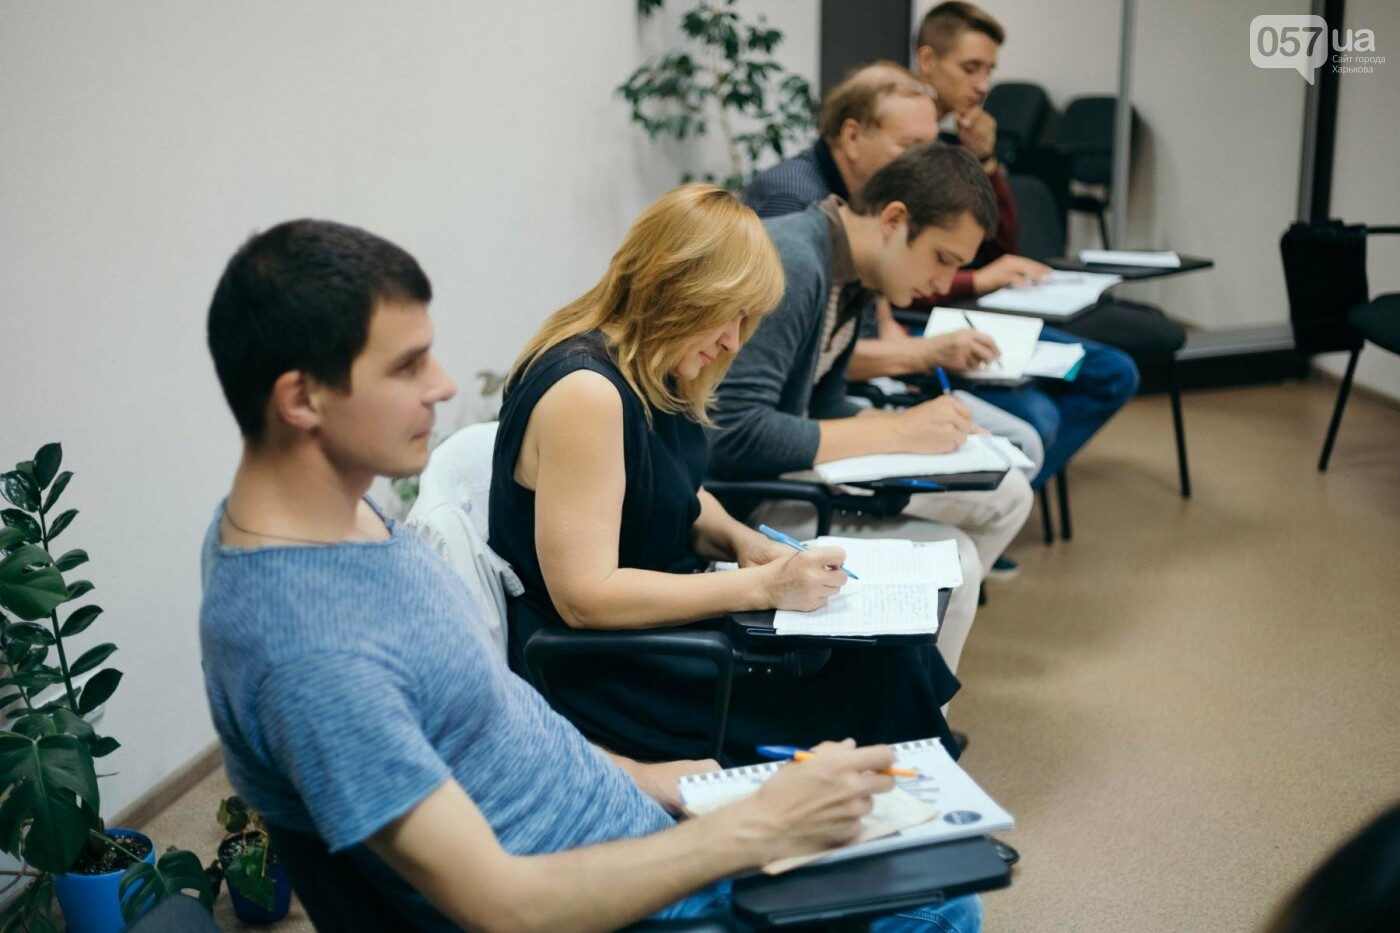 Курсы английского в Харькове ᐈ куда пойти учить английский?, фото-73